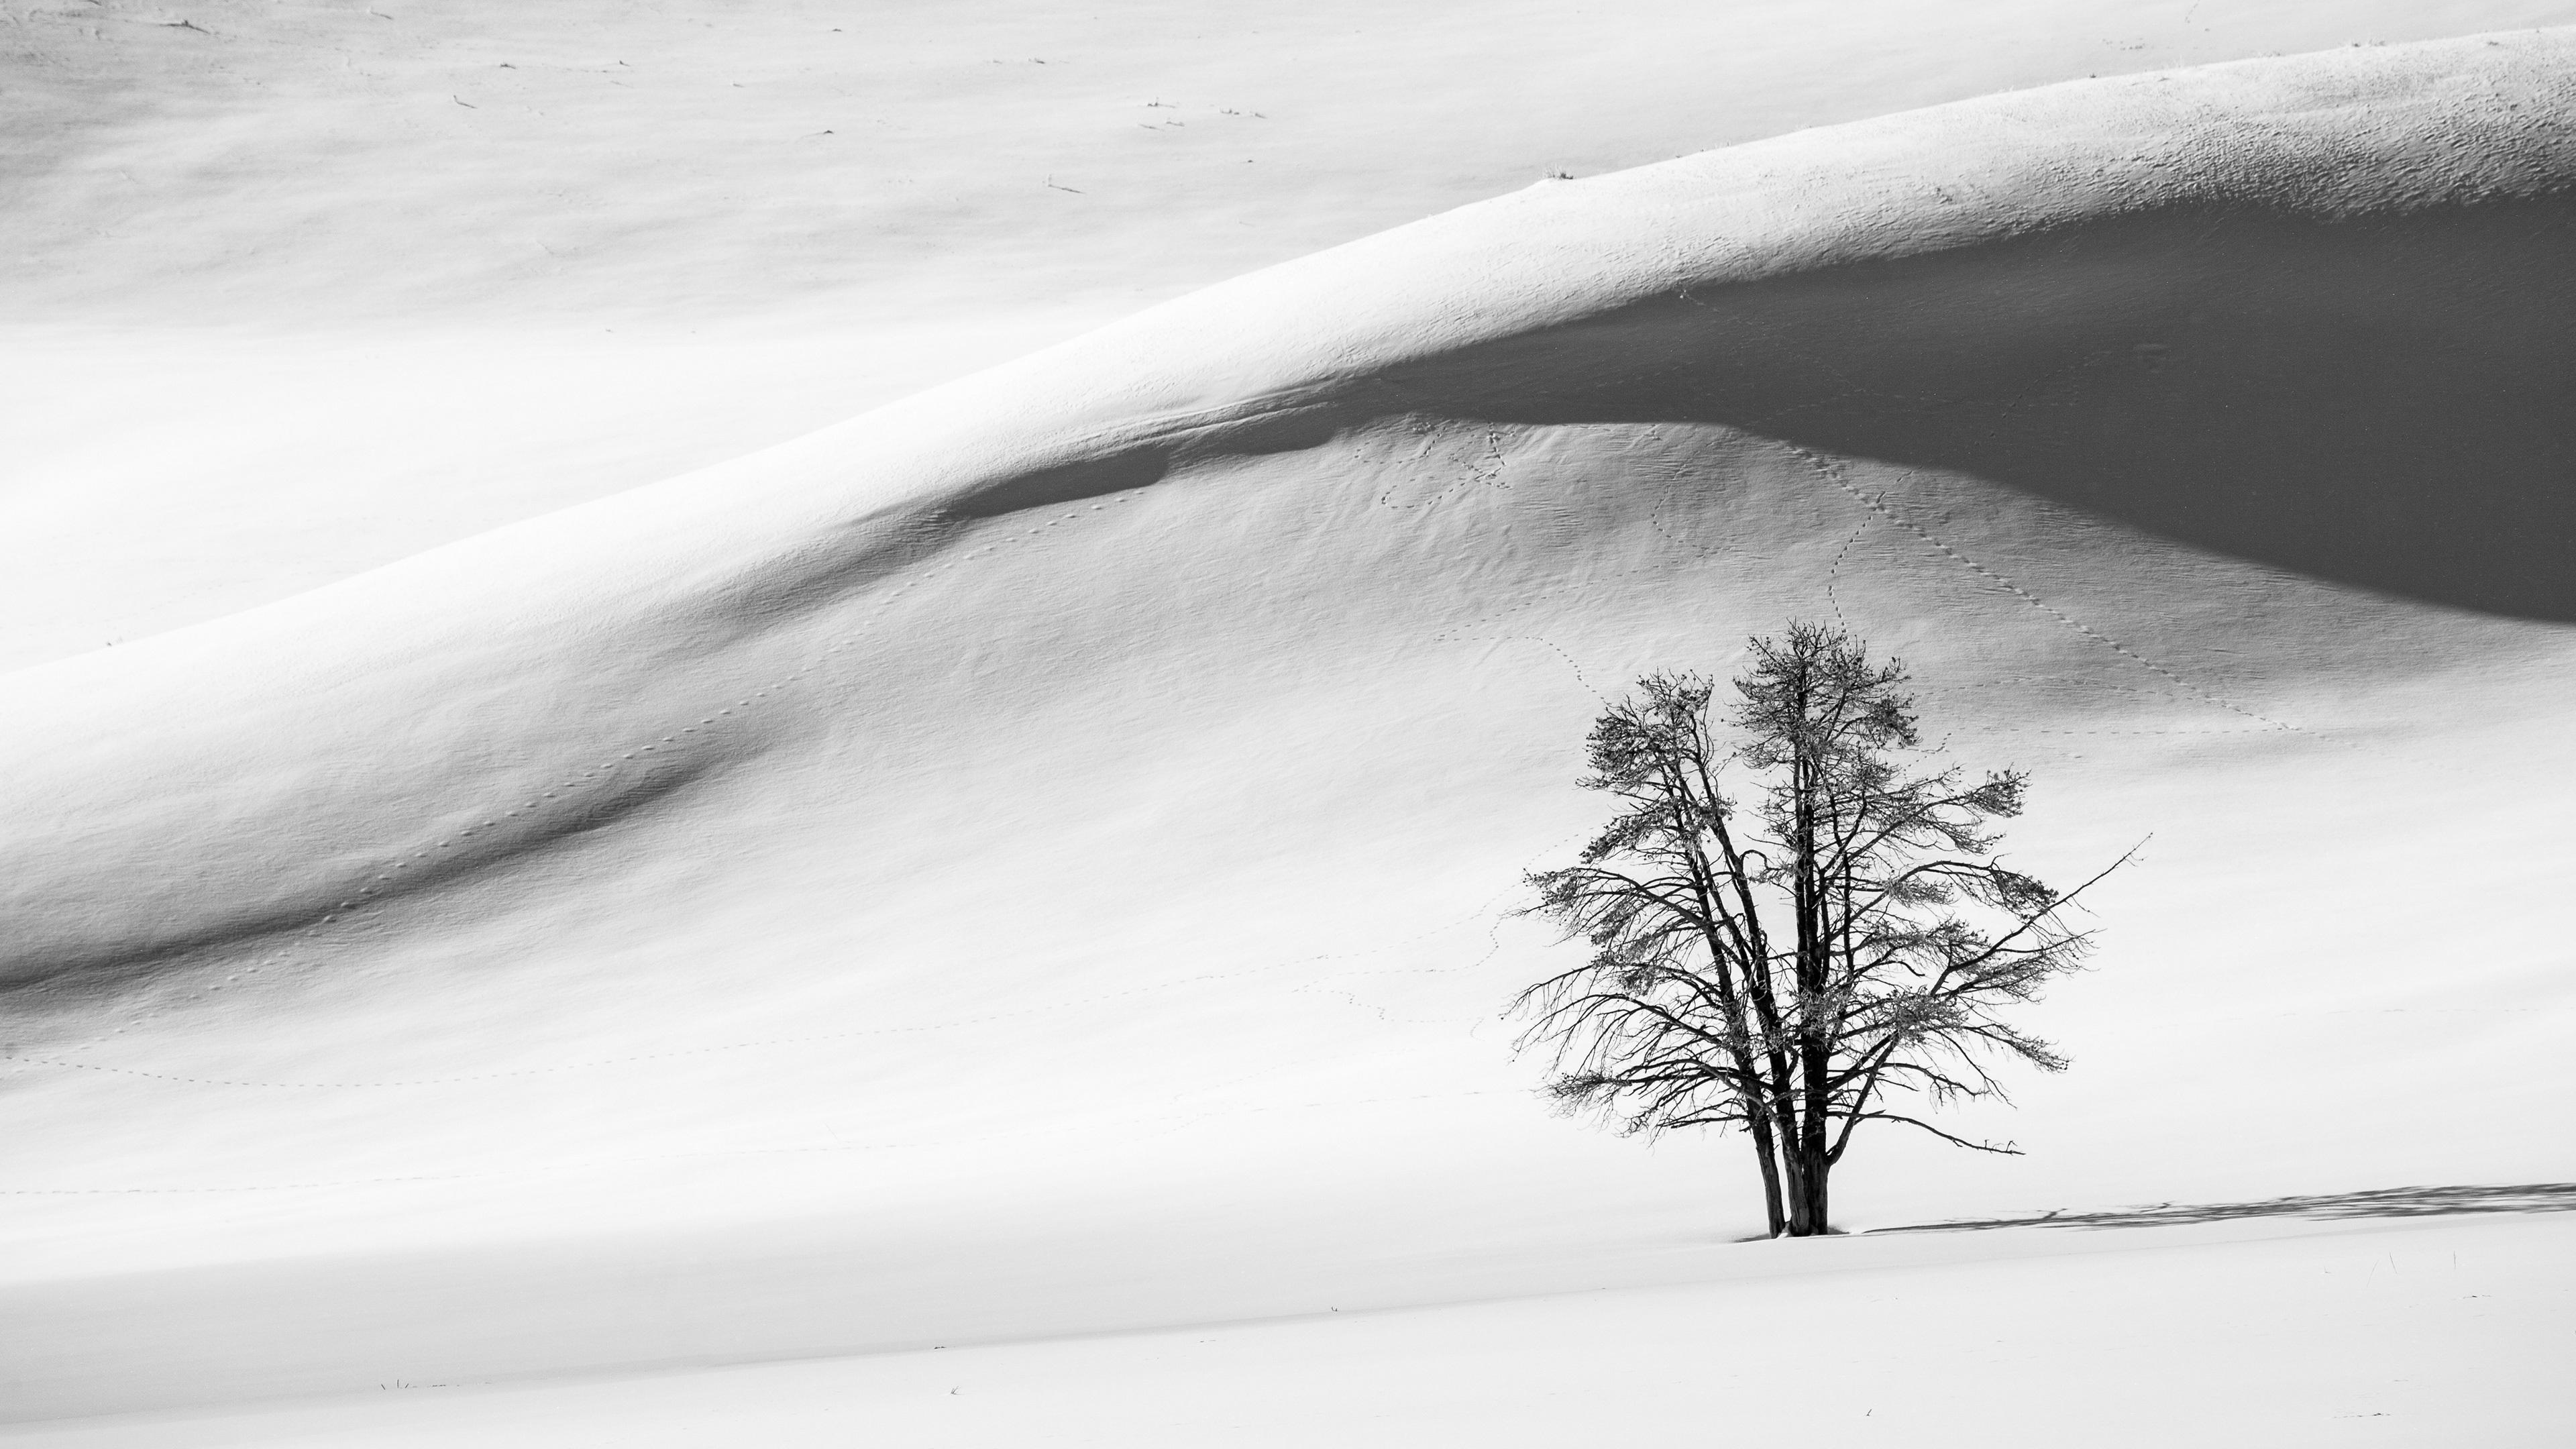 Papéis De Parede Preto E Branco Neve Inverno árvore